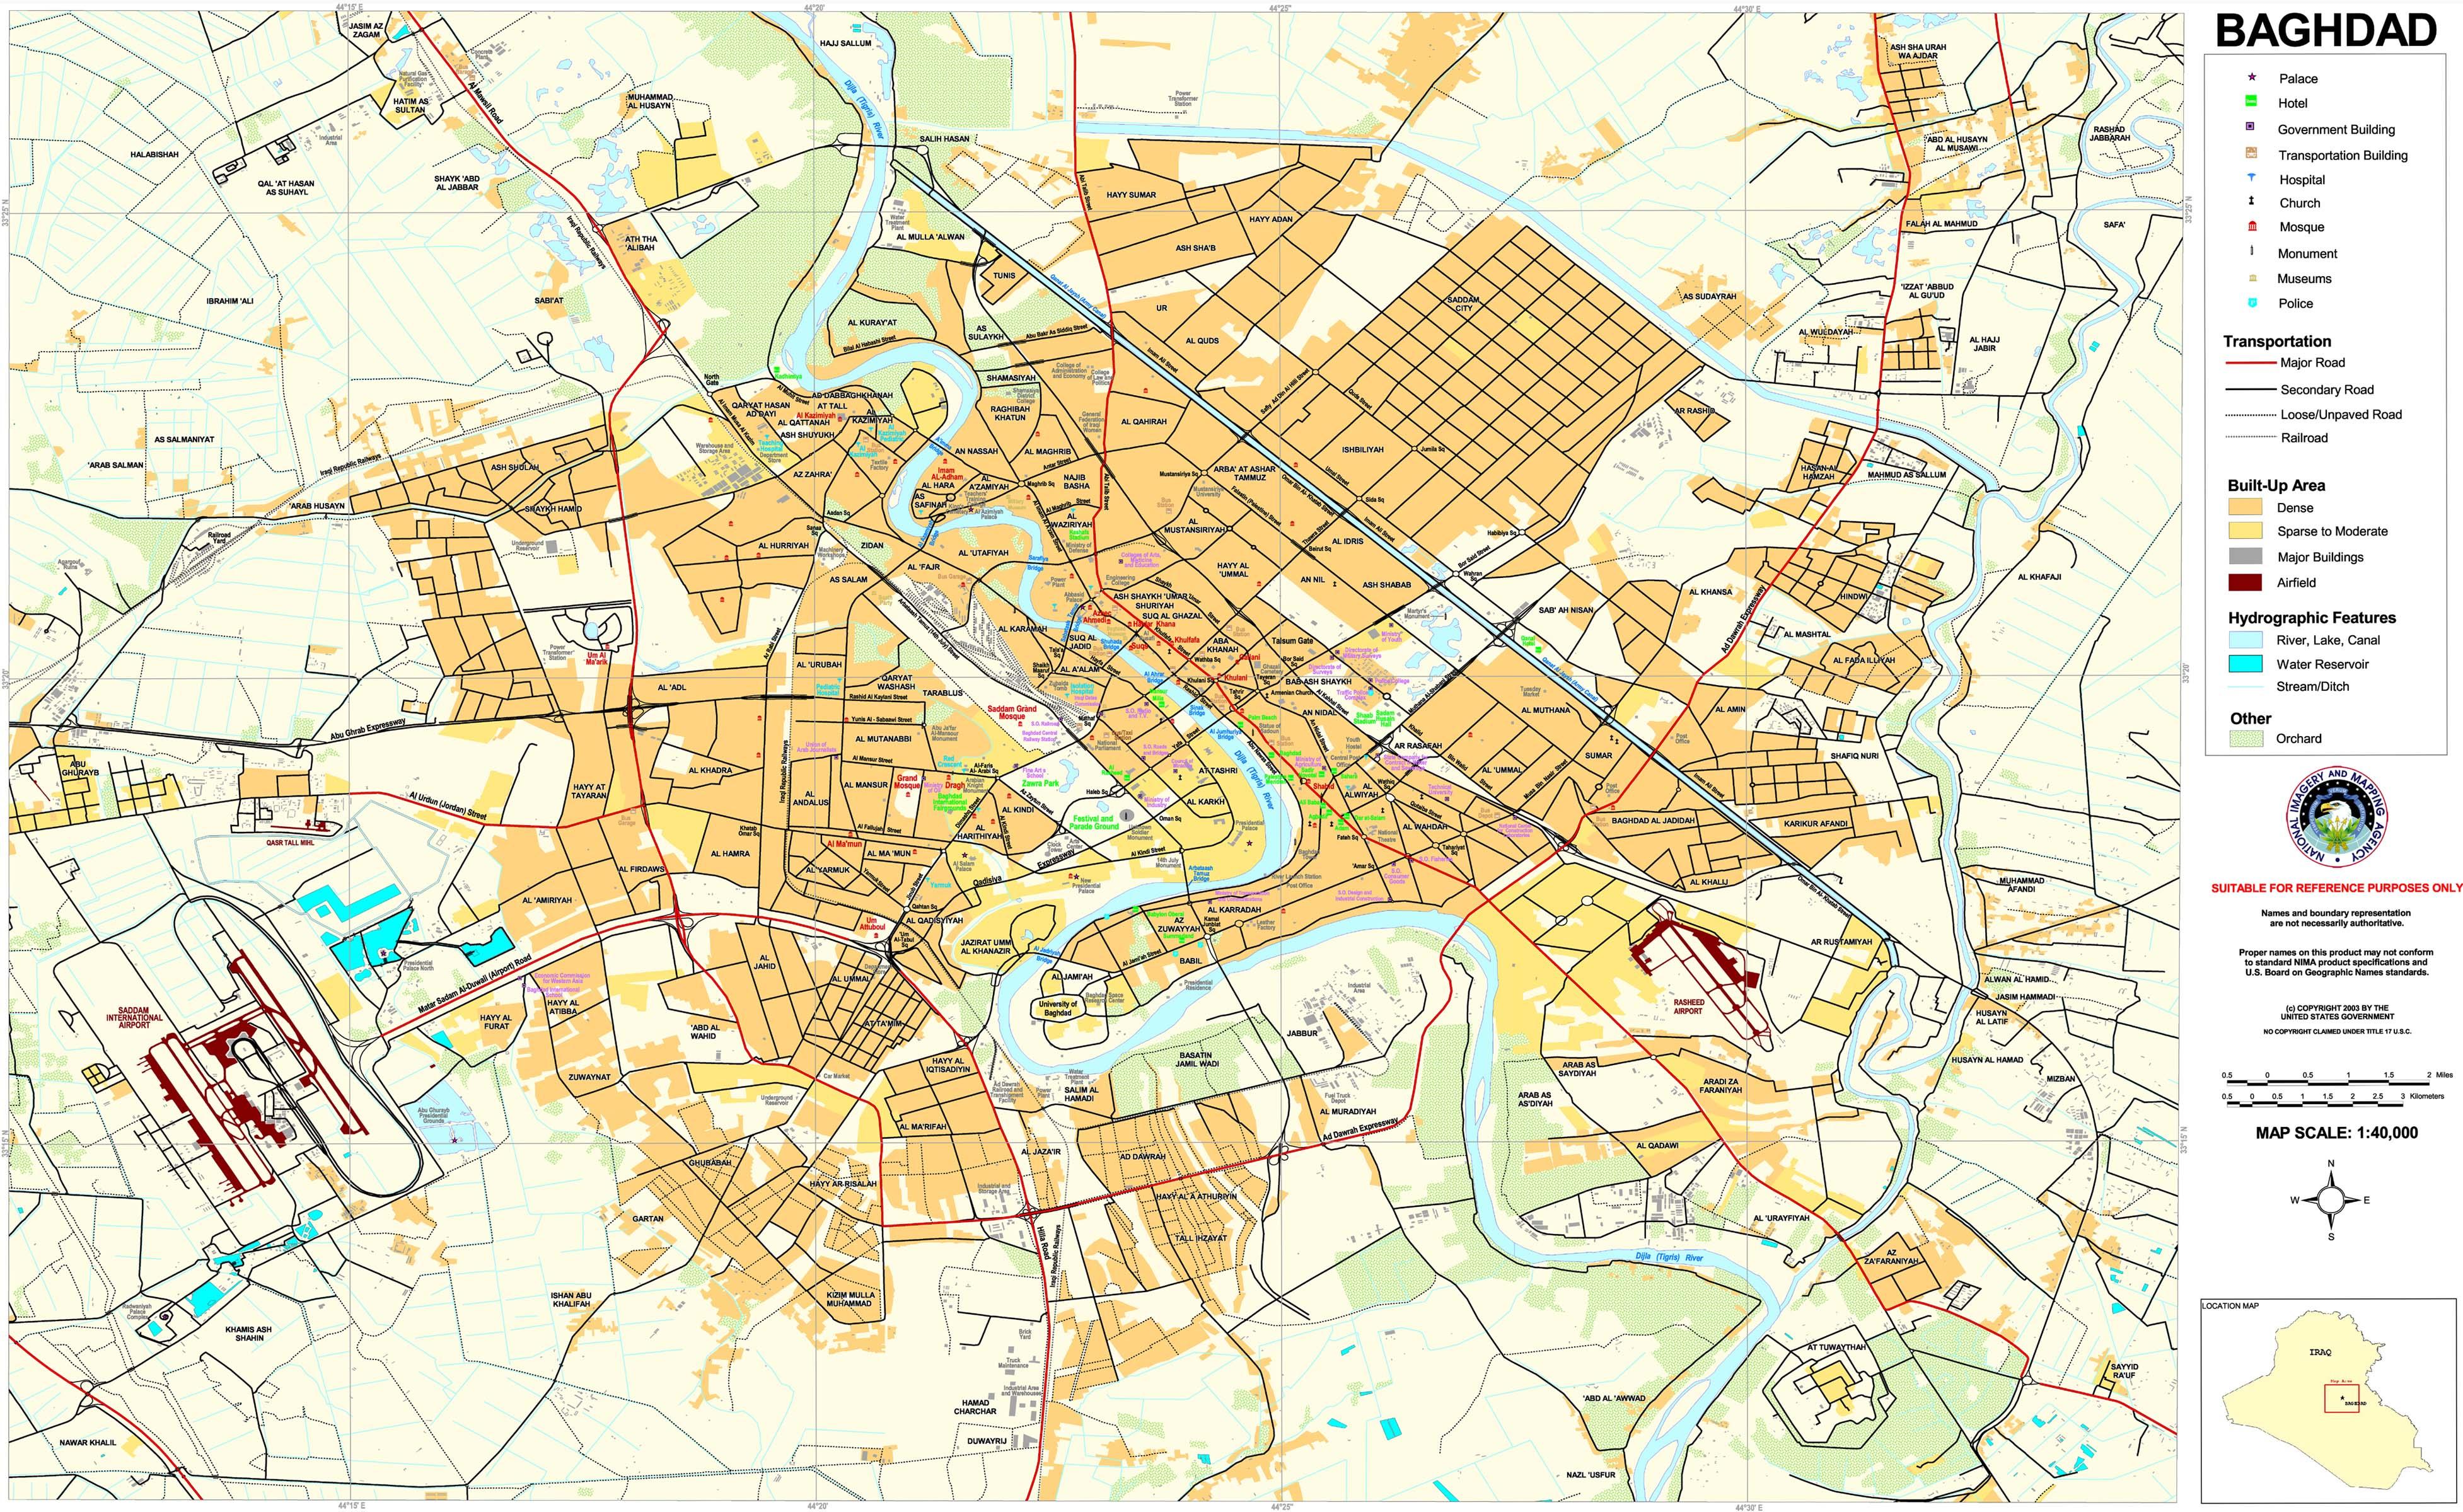 Mapa de Bagdad 2003